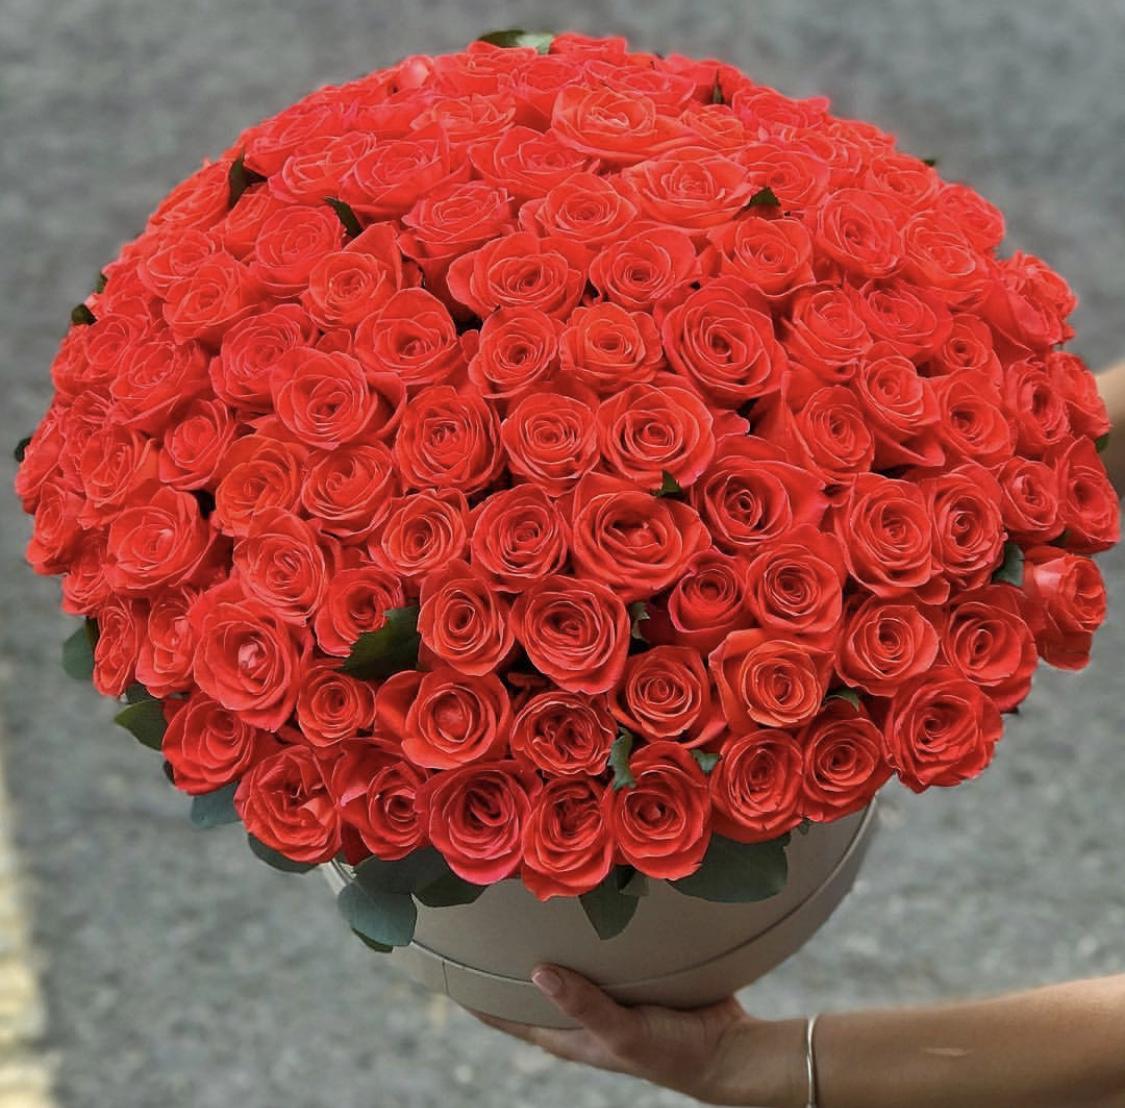 Доставка цветов, букет из 75 роз купить